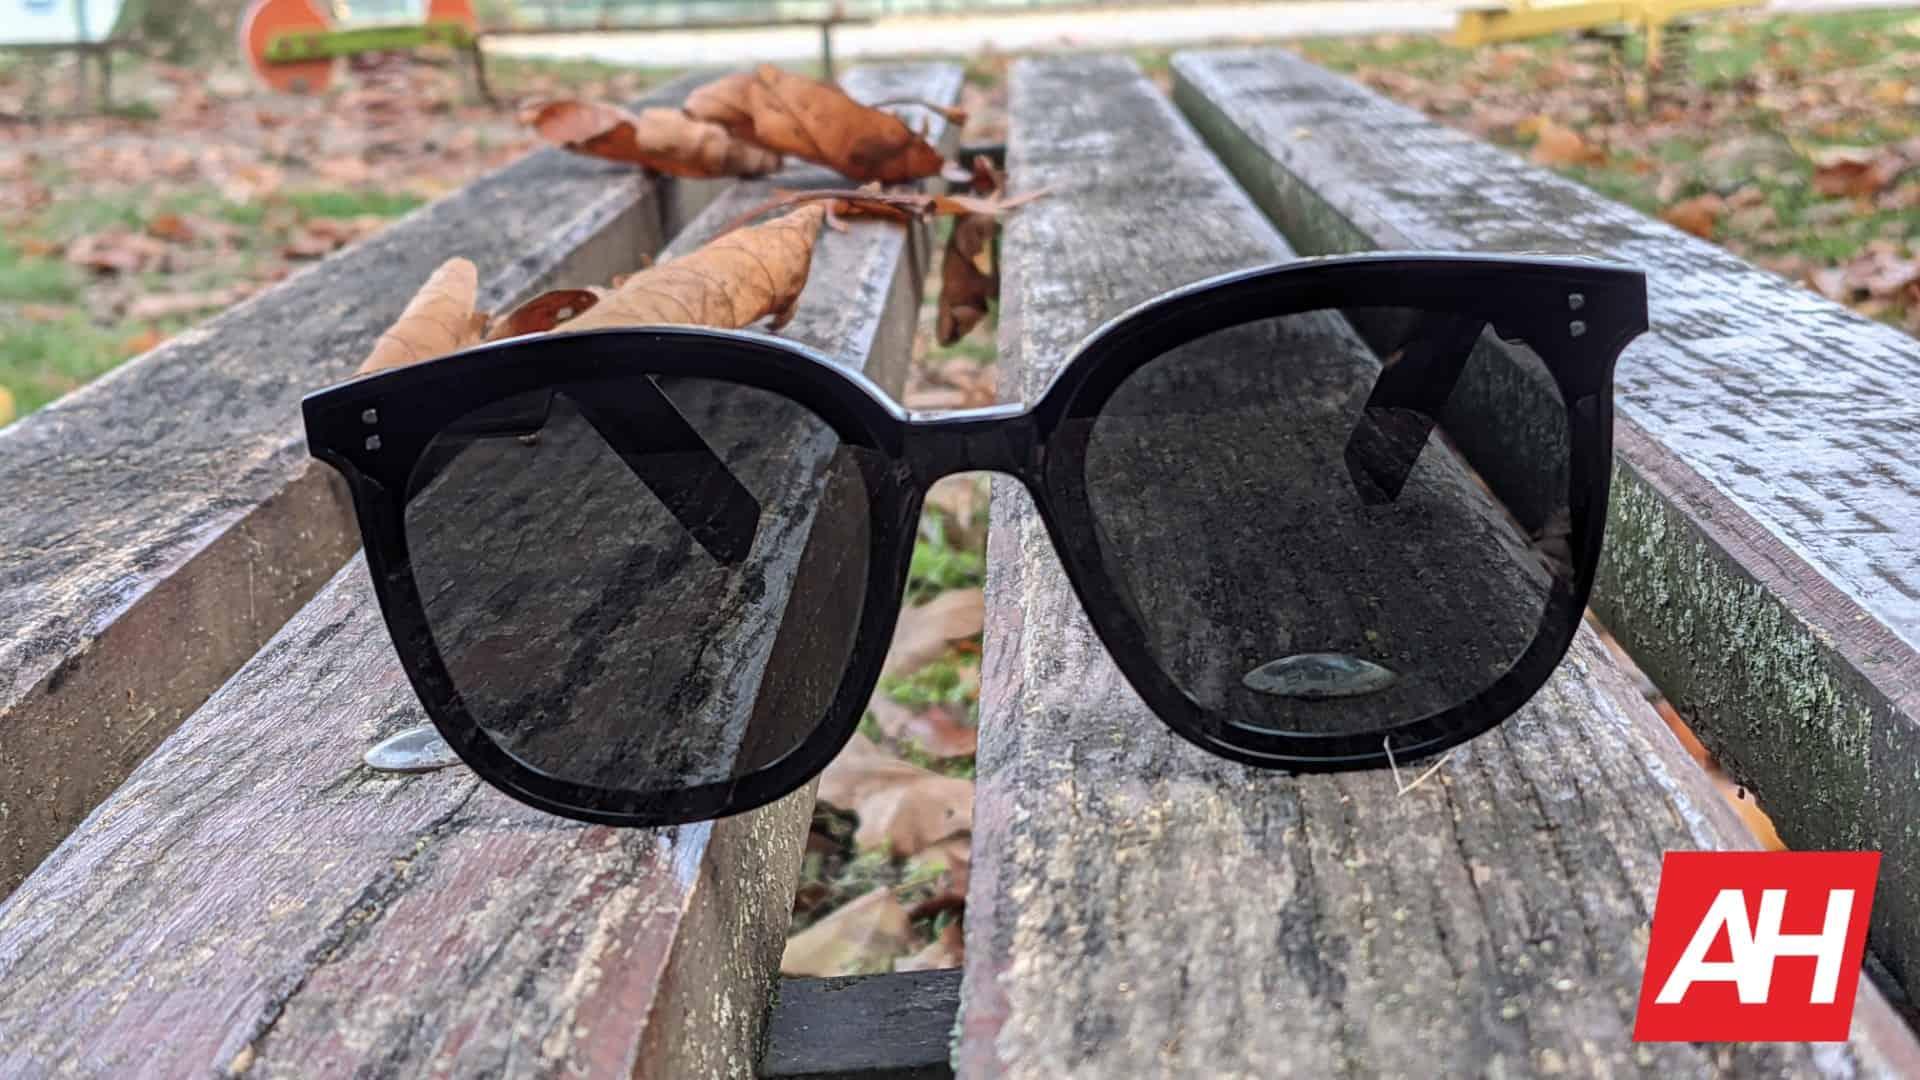 AH Huawei X Gentle Monster Eyewear II image 25